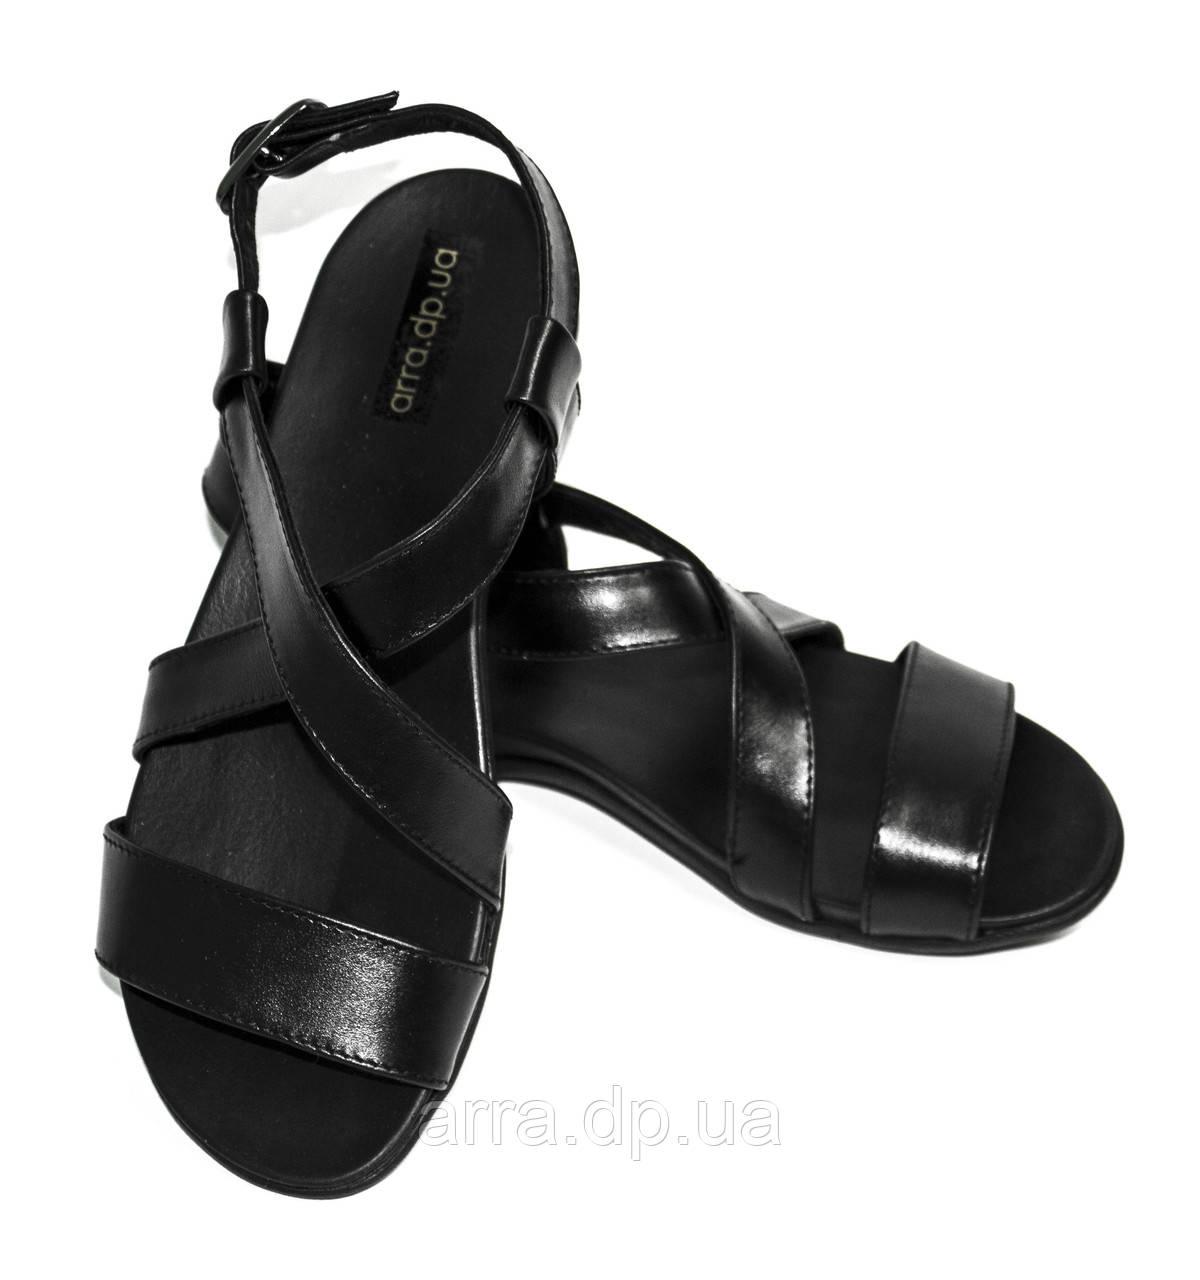 Сандалии кожаные на ортопедической подошве, цвет черный.